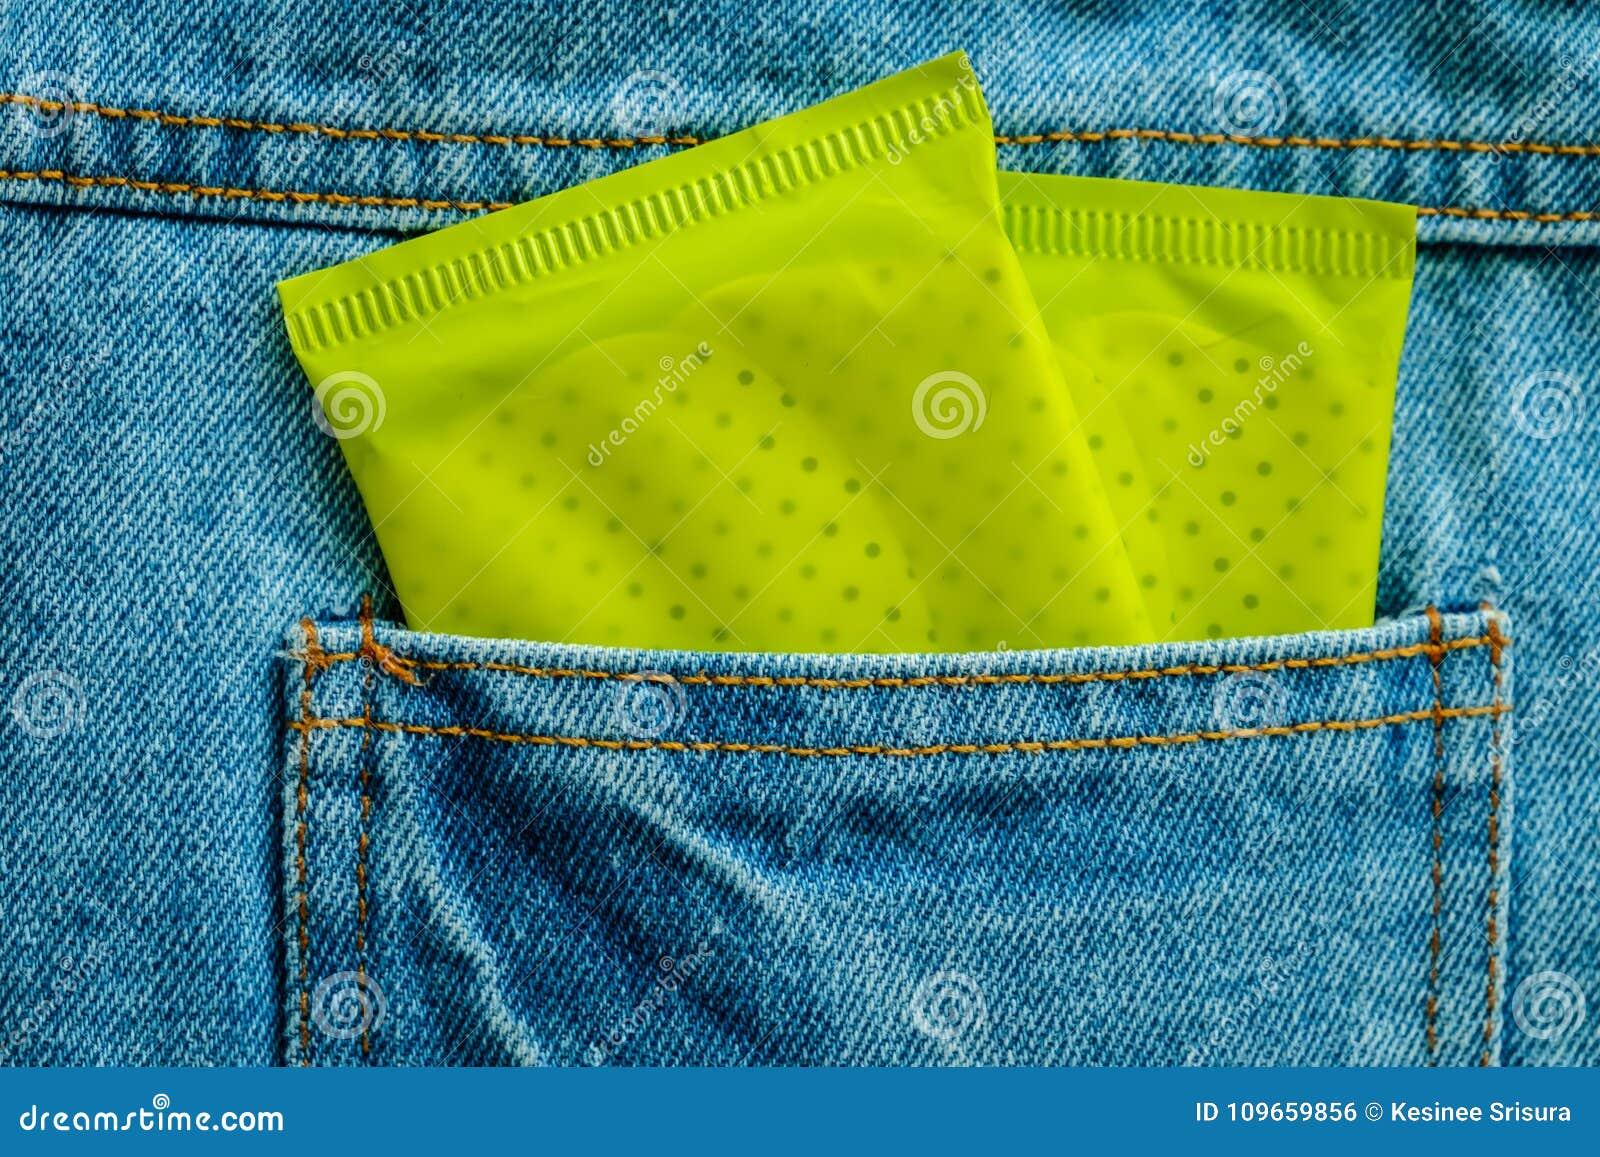 Grünes Paket der weiblichen Damenbinde auf der Rückseite des Taschenblaus